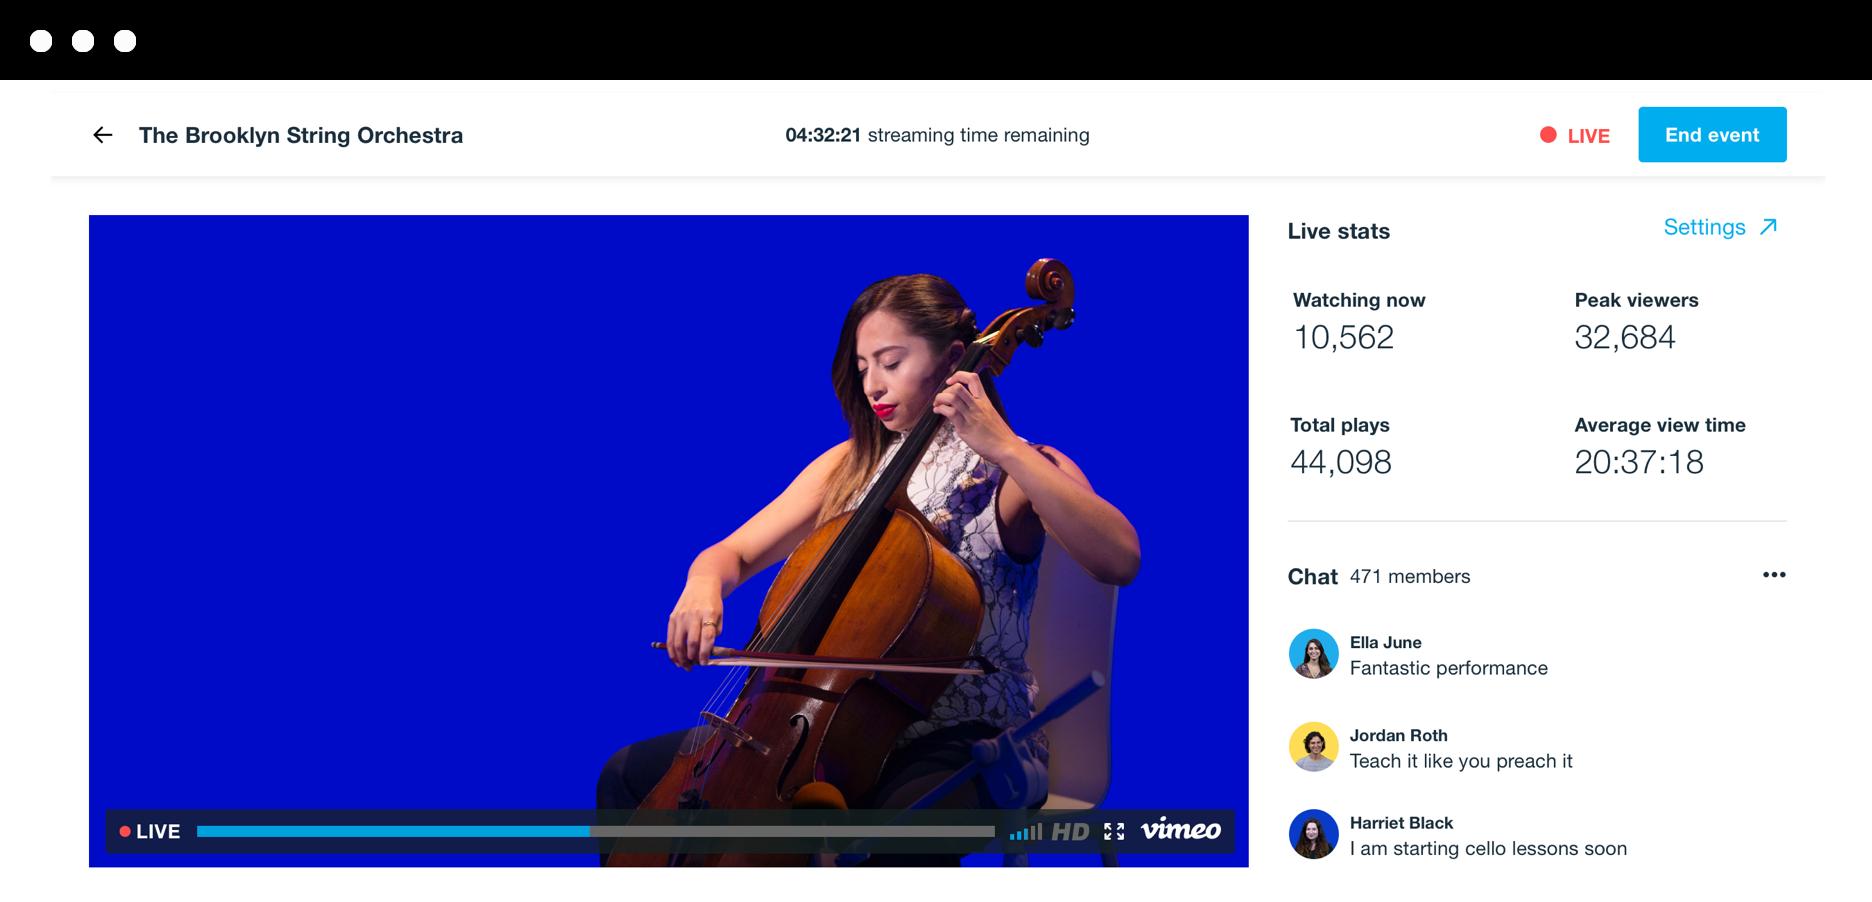 Una imagen estática de una transmisión en vivo de un violonchelista. La imagen también muestra el reproductor, las estadísticas en vivo y el chat en tiempo real, en el lado derecho de la pantalla.